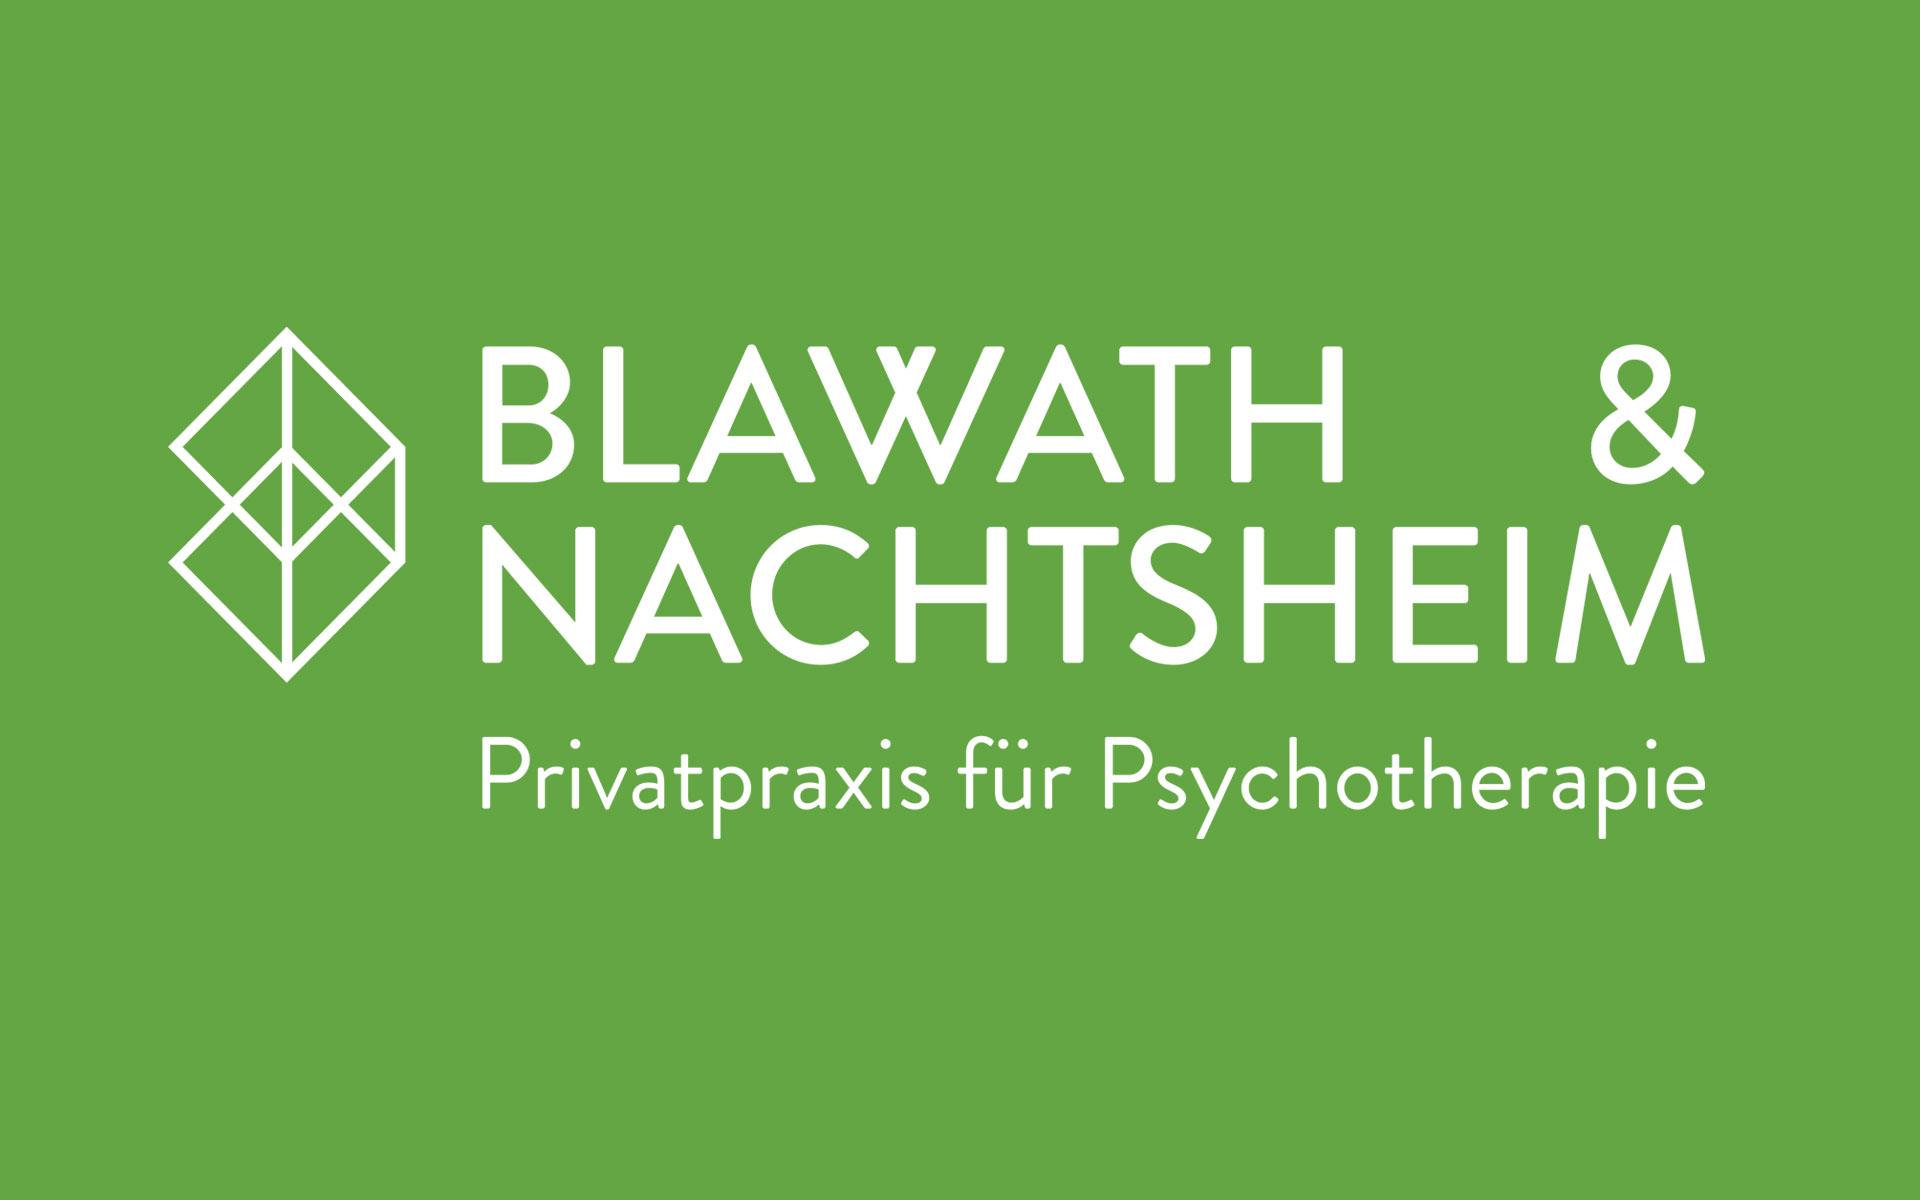 Blawath & Nachtsheim Corporate Design, Logotype weiß auf grünem Grund